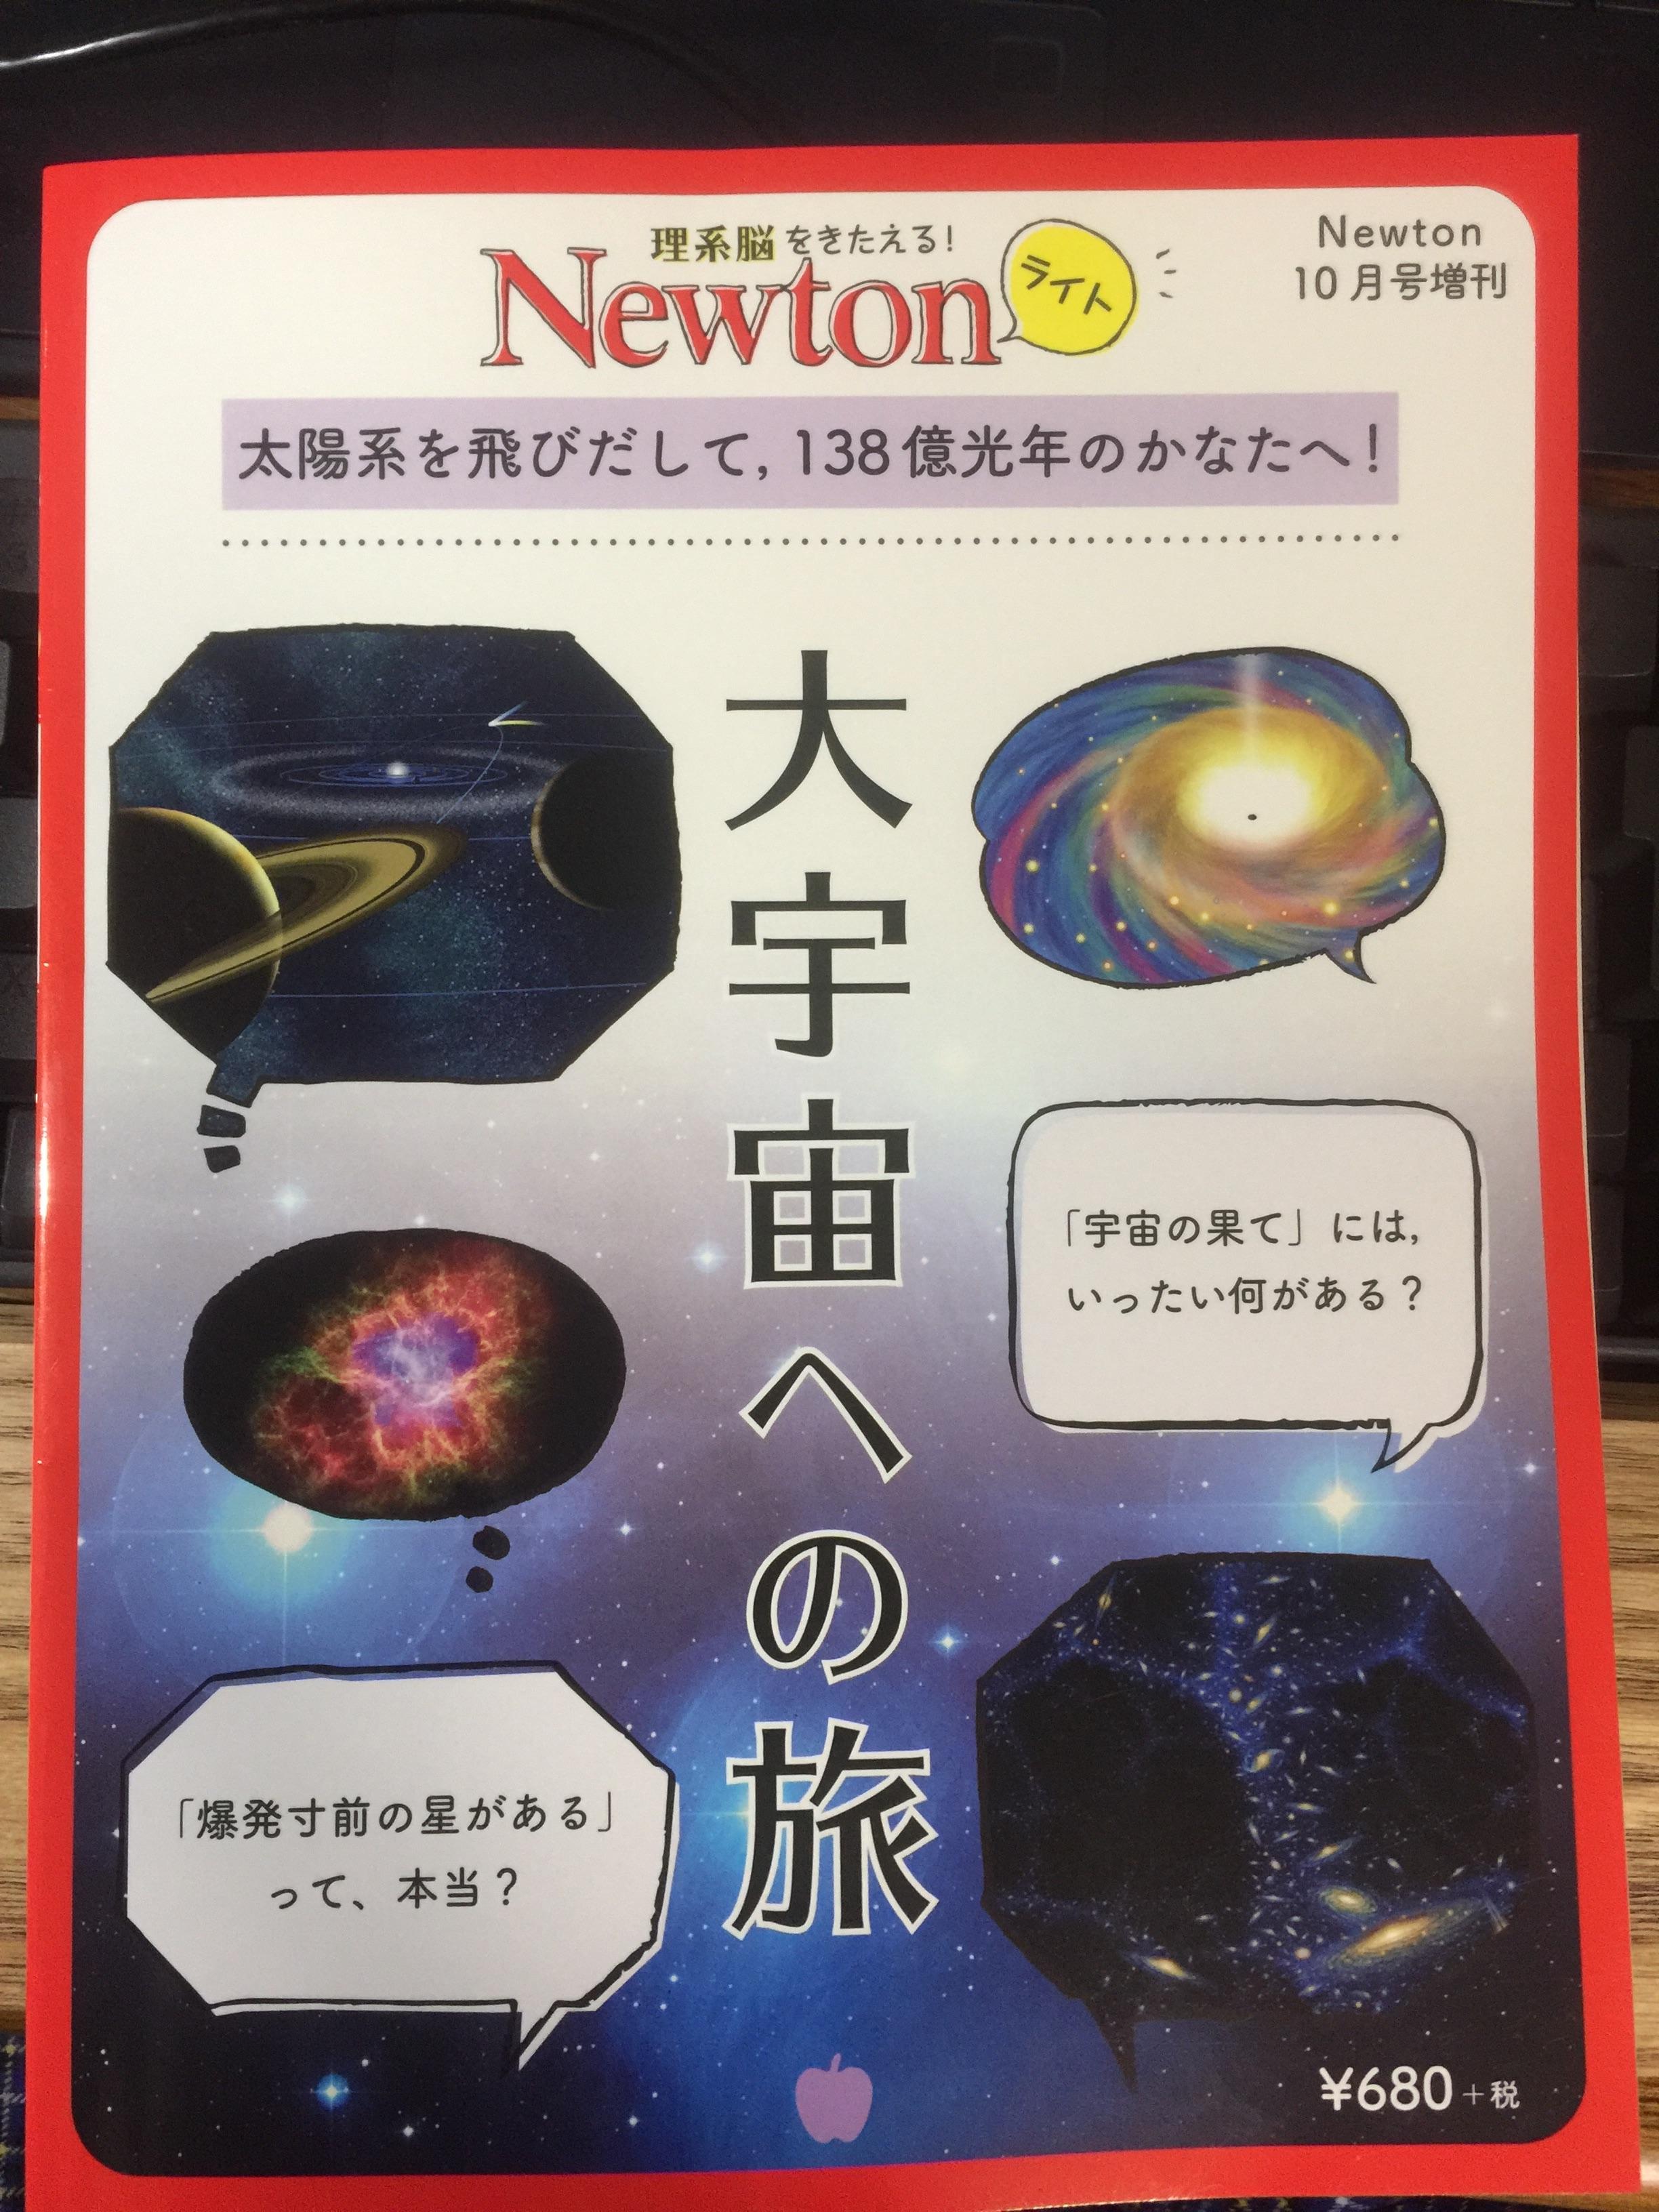 『Newton ライト』 オススメ 科学雑誌